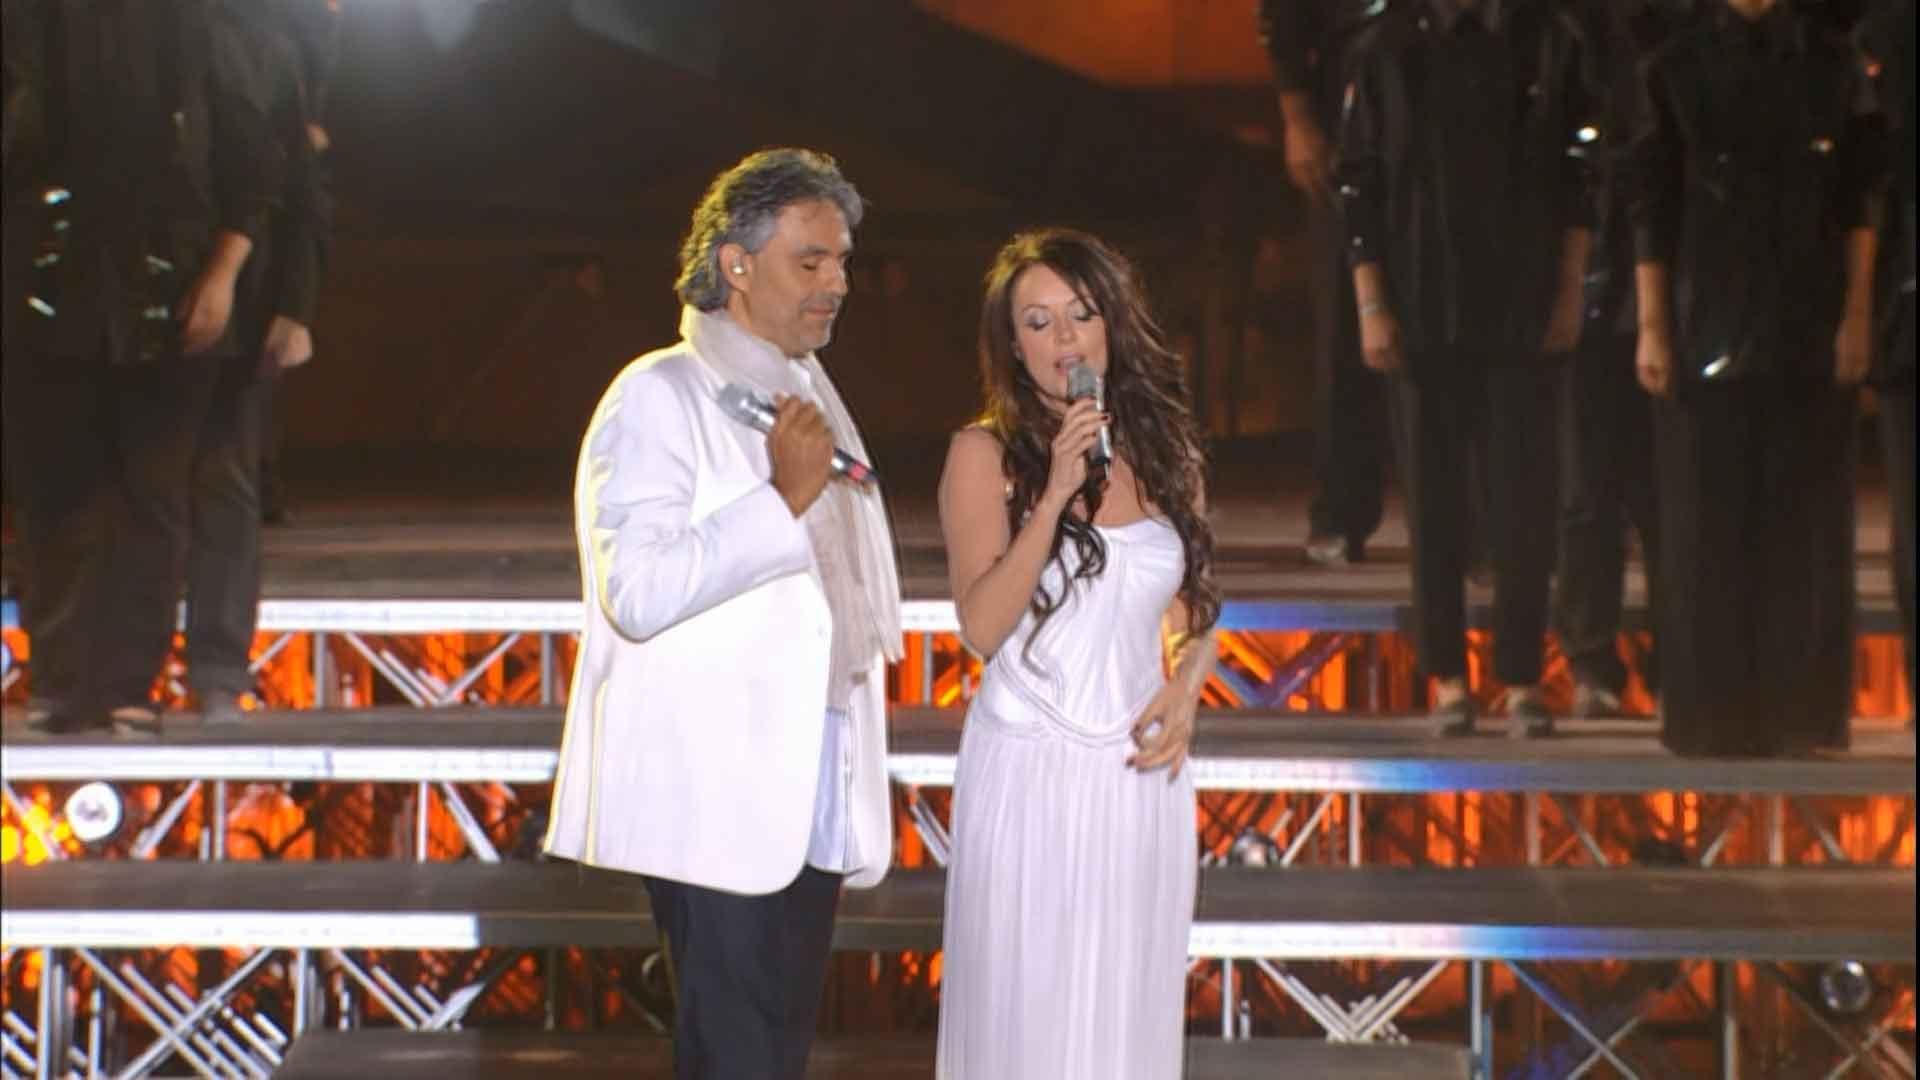 [蓝光原盘] 安德烈.波切利Andrea Bocelli - Vivere - Live in Tuscany 2008演唱会《ISO 21.47G》